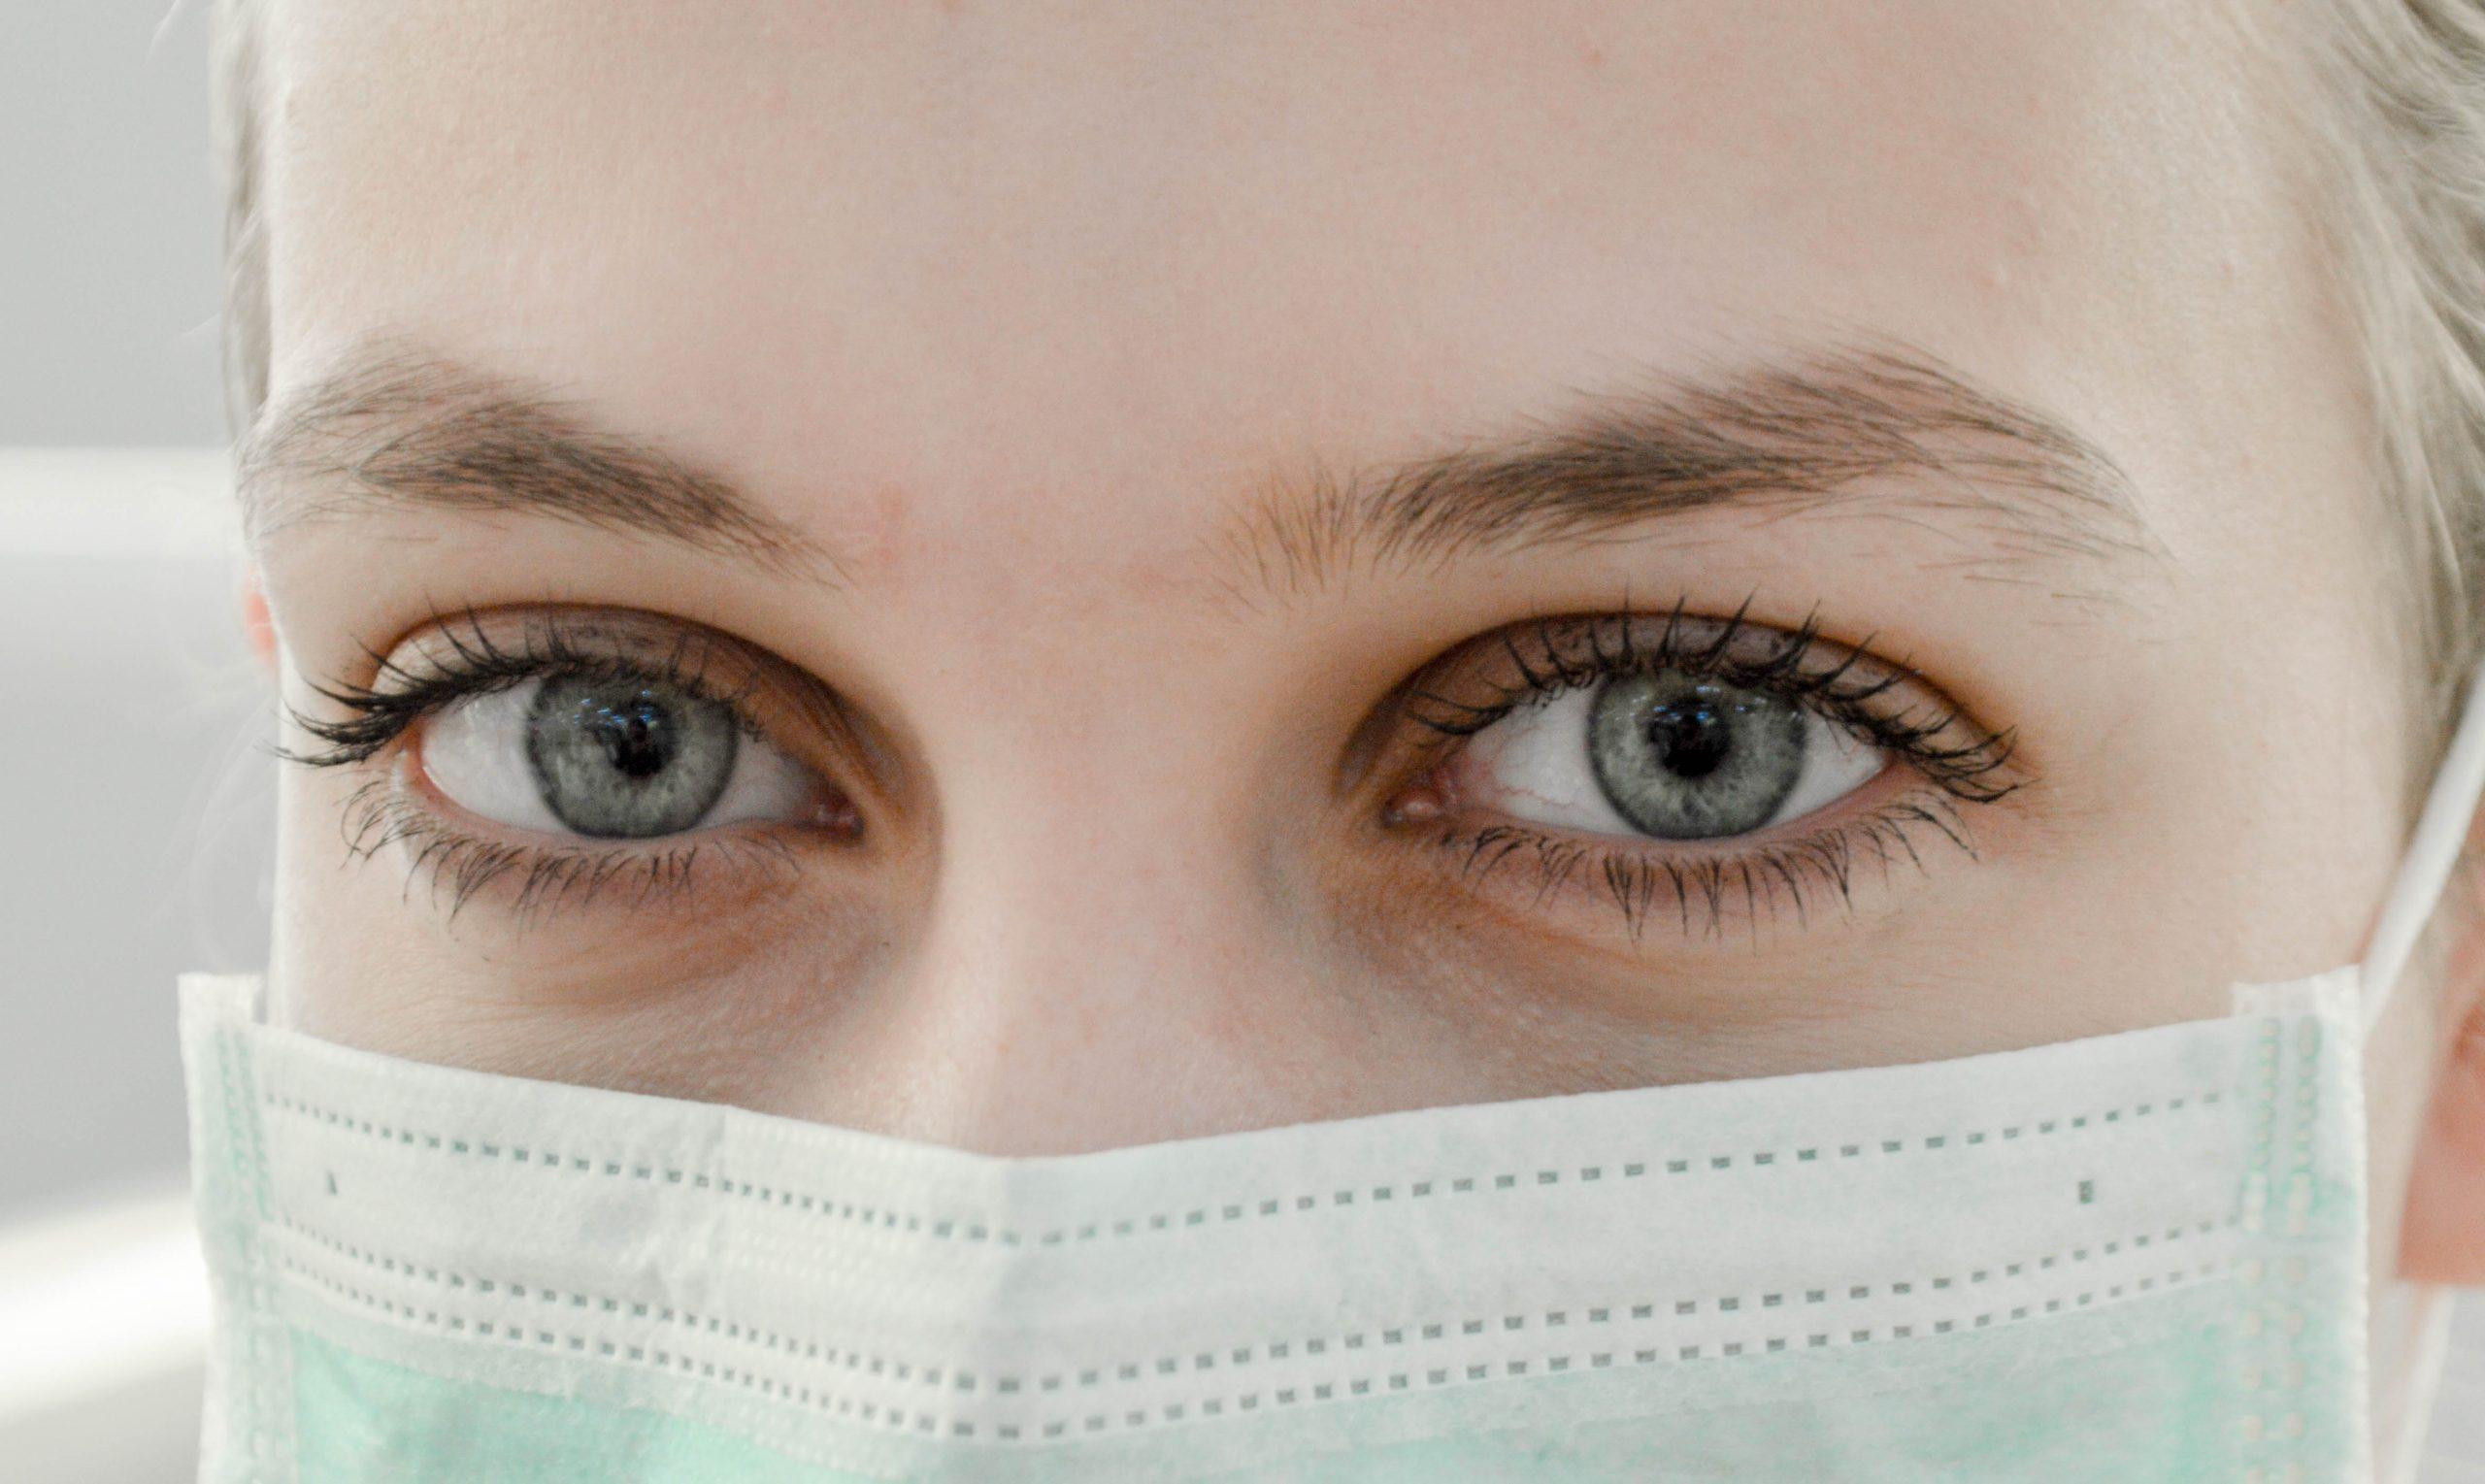 Med Spas Without Medical Pros